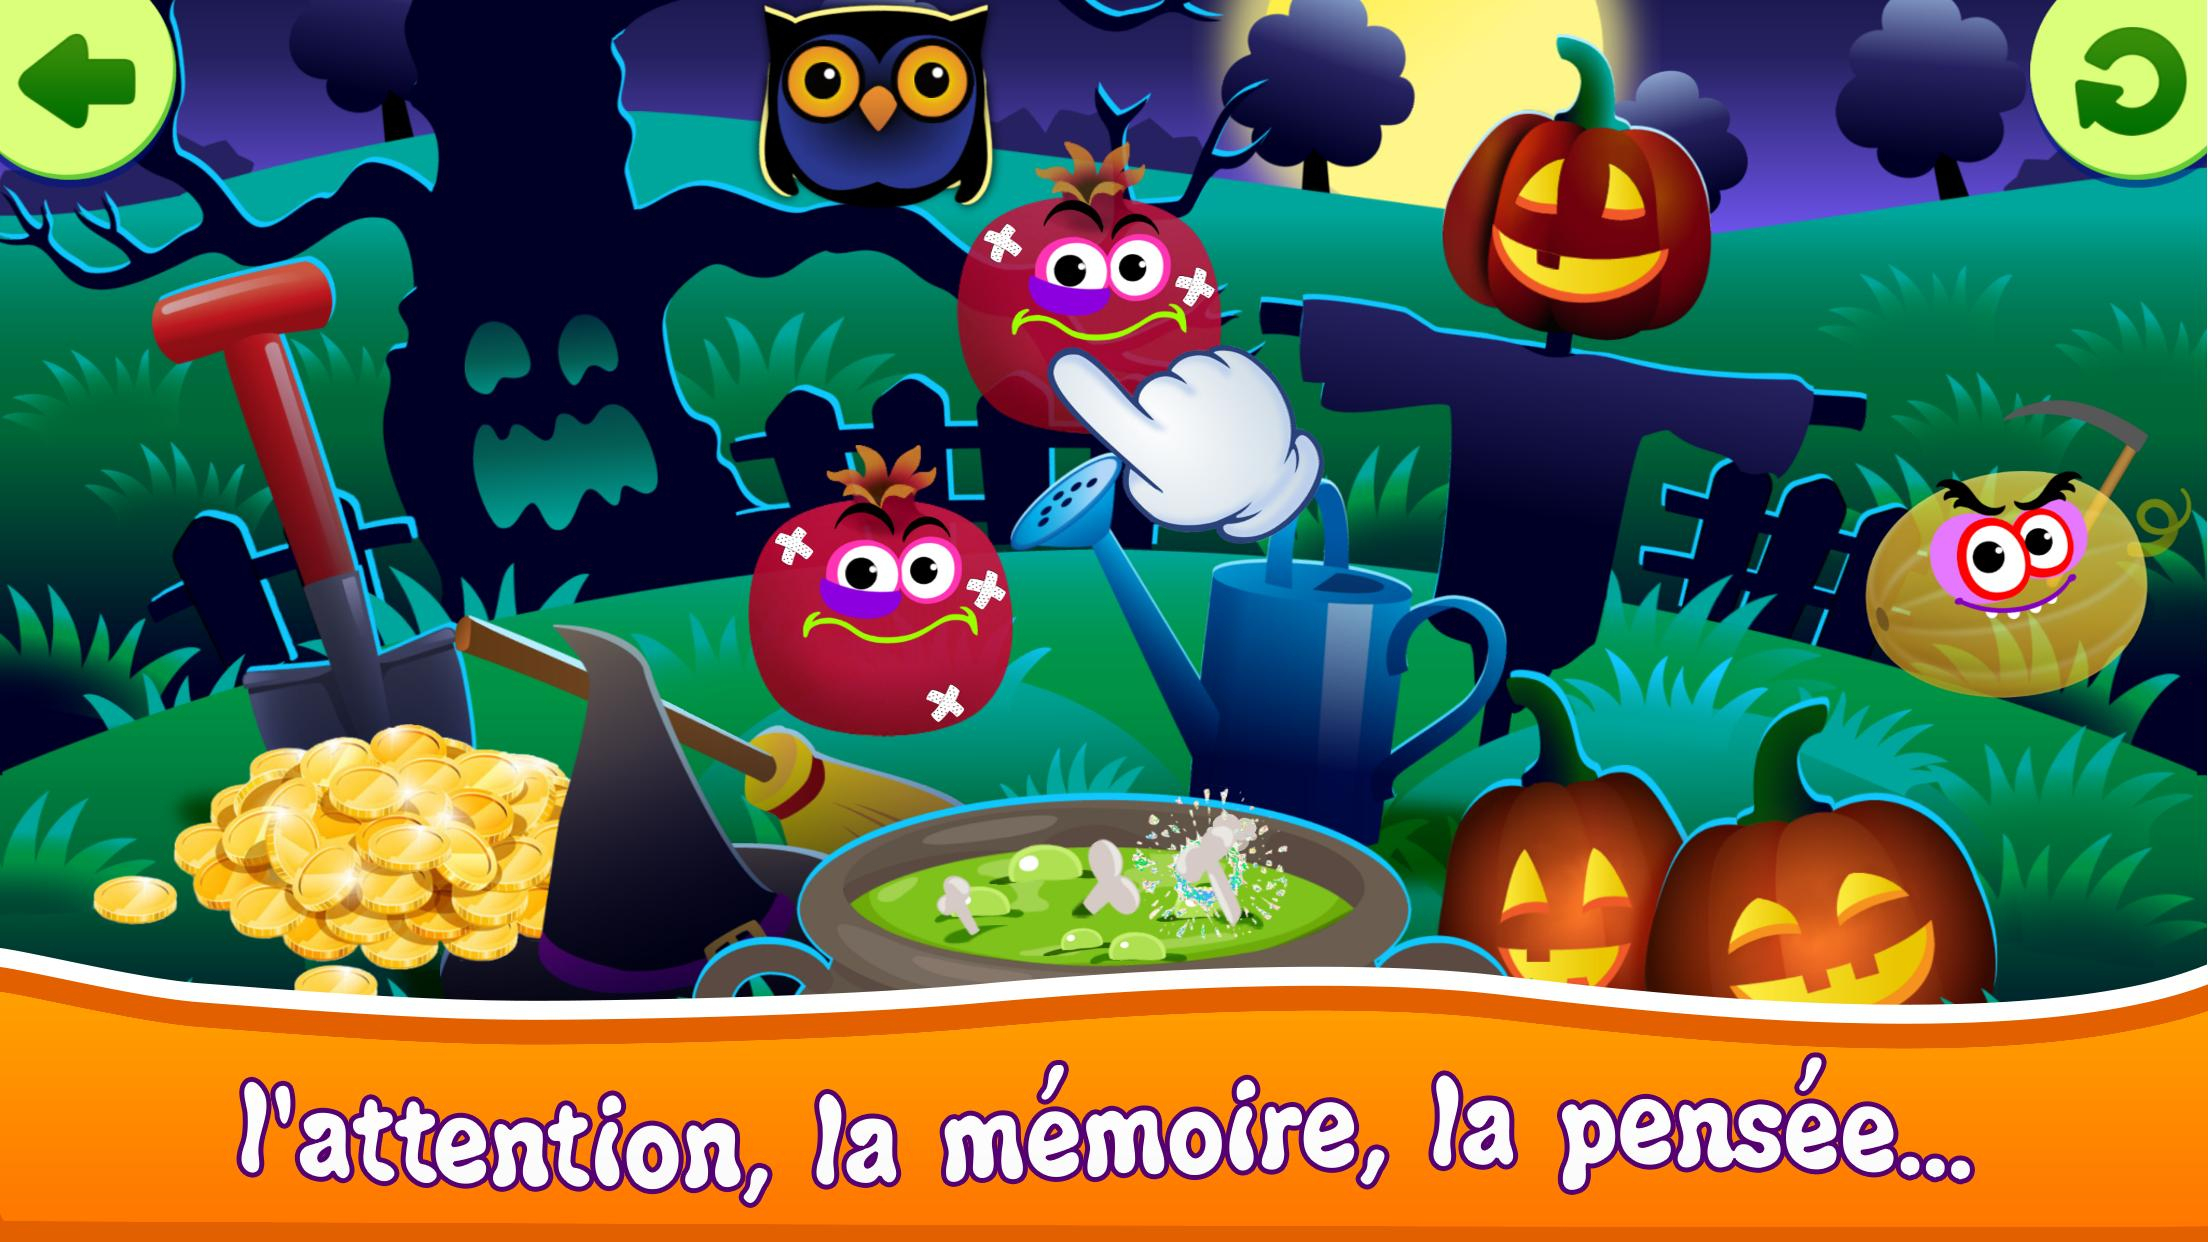 Funny Food! Jeux Educatif Pour Enfants Gratuit 2 3 Pour à Jeux Educatif Enfant Gratuit